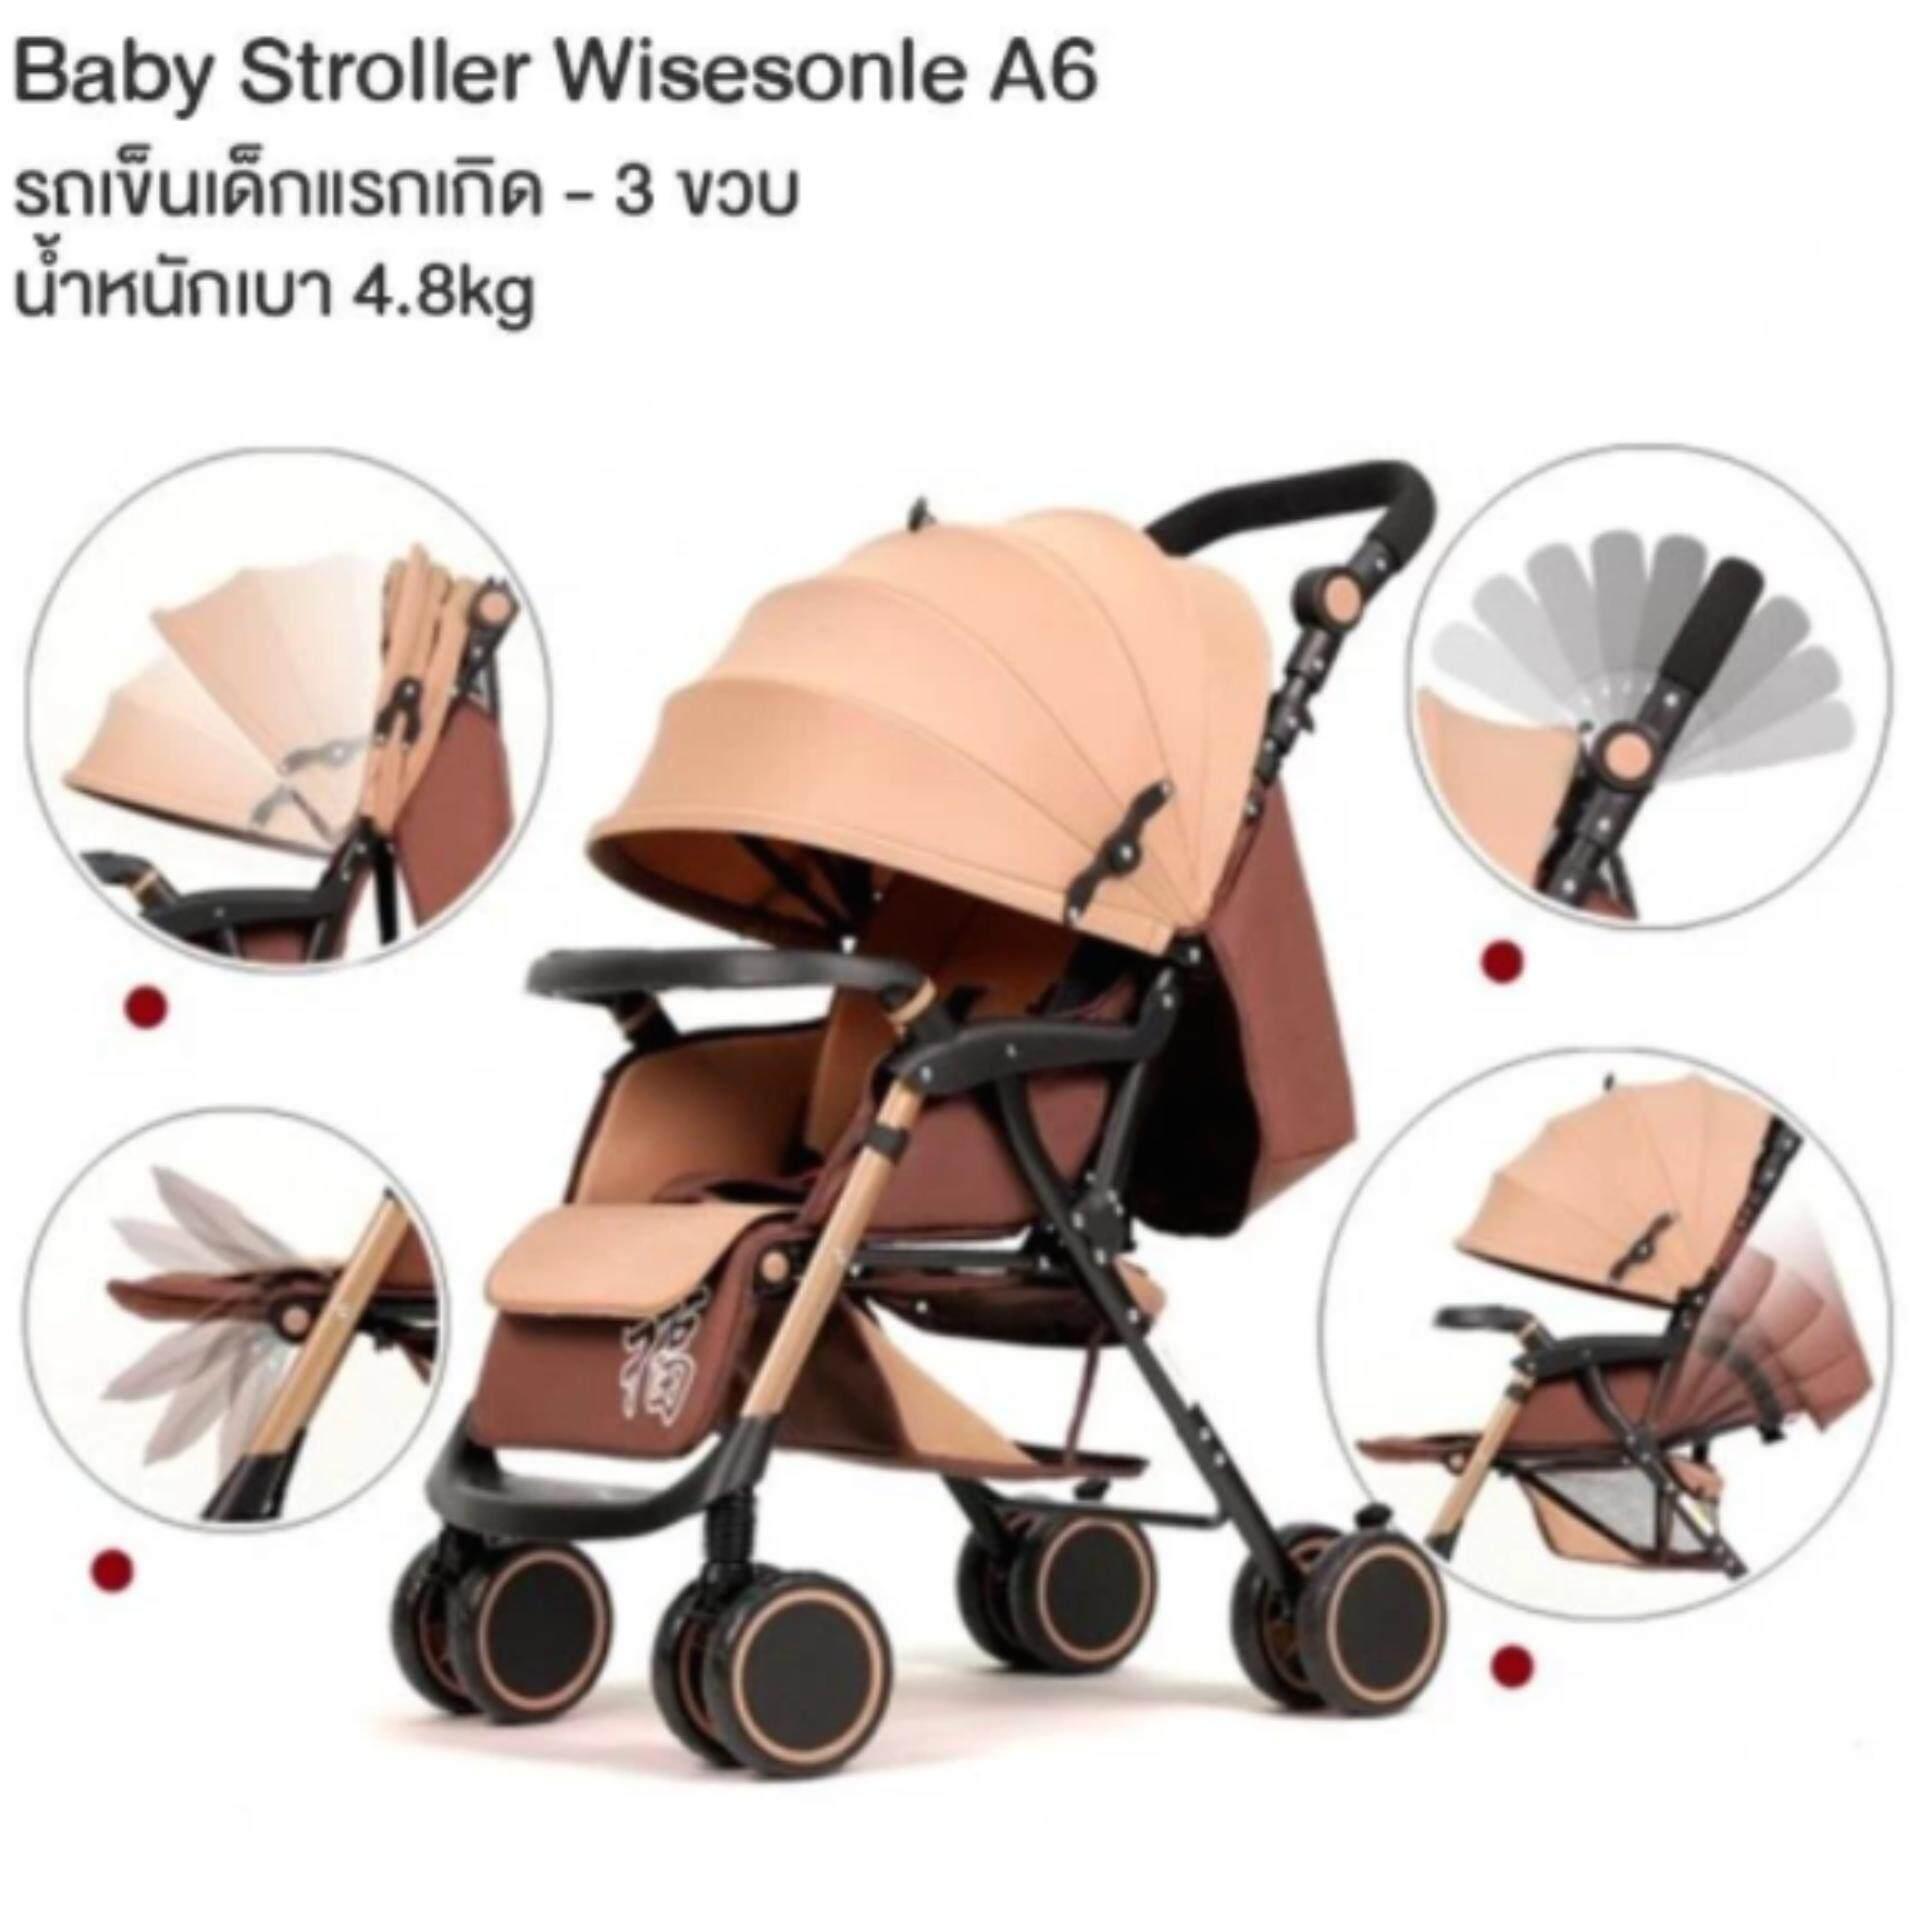 ของแท้ราคาถูก Unbranded/Generic อุปกรณ์เสริมรถเข็นเด็ก ที่นั่งรถเข็นเด็กทารกเบาะเบาะรถเข็นเด็กที่นอนปลอกหมอนเด็กแผ่นให้เด็กคลาน - INTL ถูกกว่านี้ไม่มีอีกแล้ว